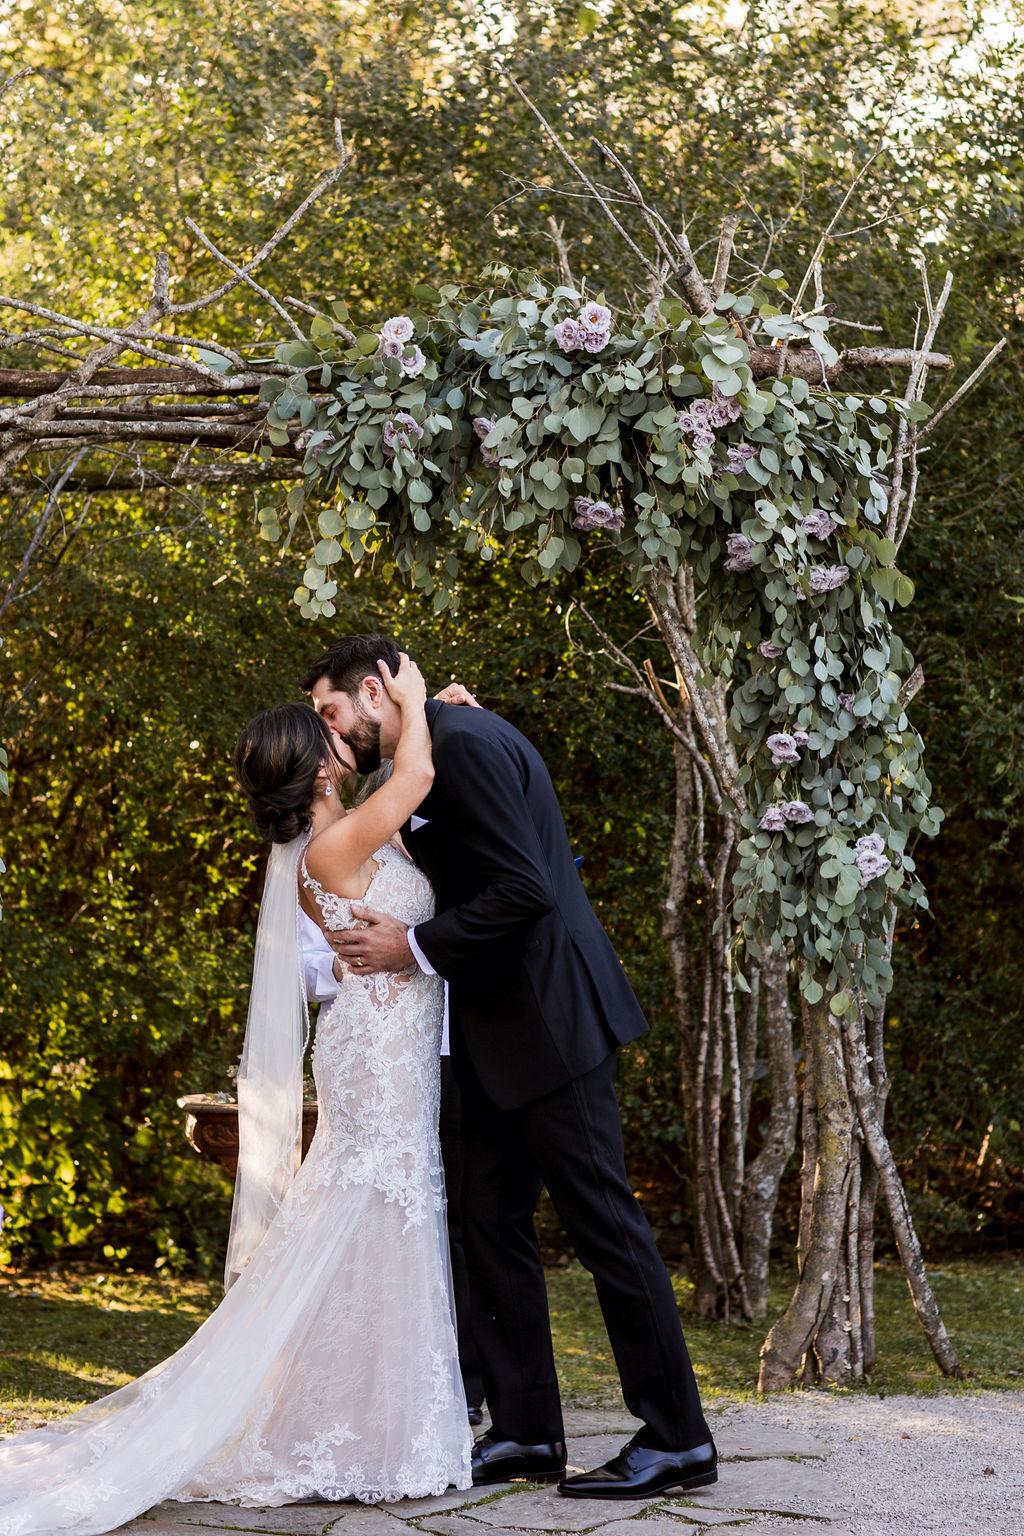 Outdoor Meadow Hill Farm wedding ceremony   Nashville Bride Guide